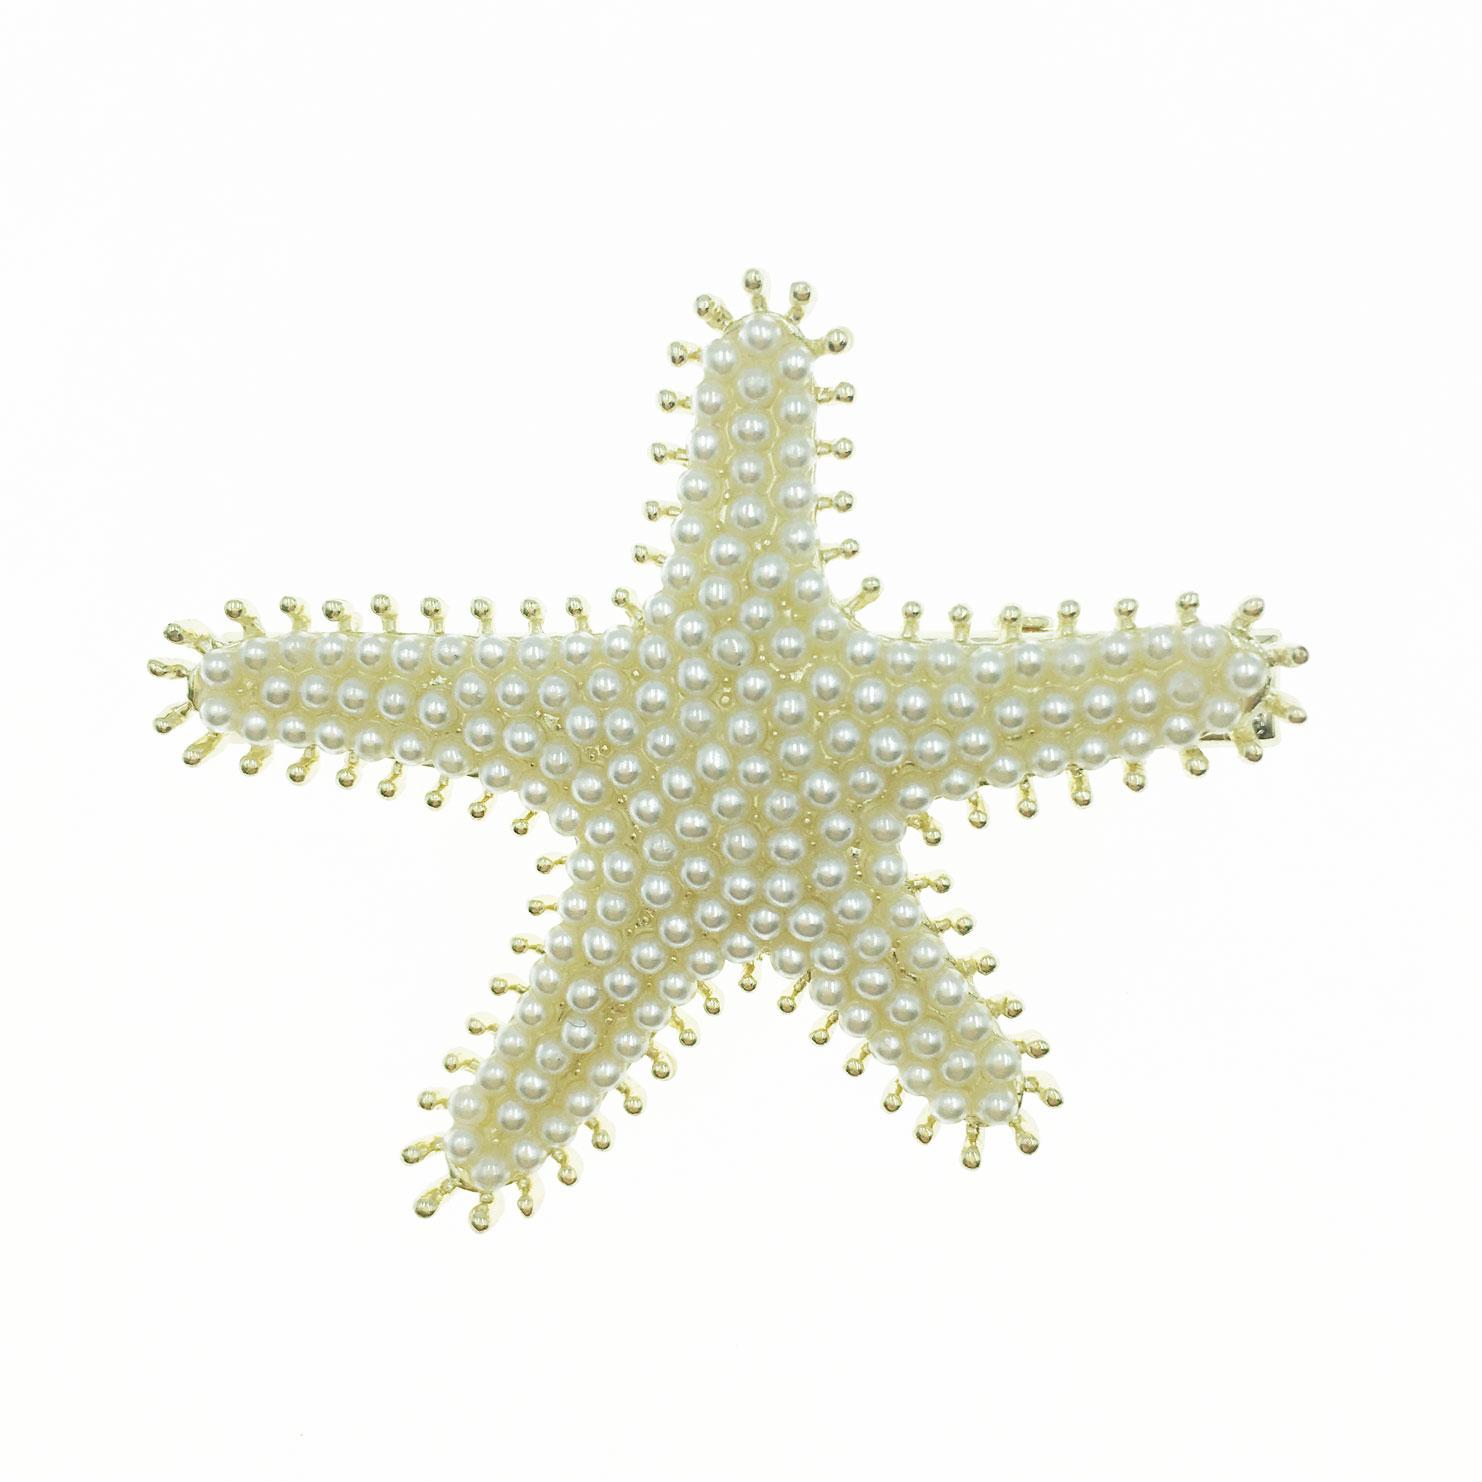 韓國 滿版 珍珠 海星 造型 壓夾 髮飾